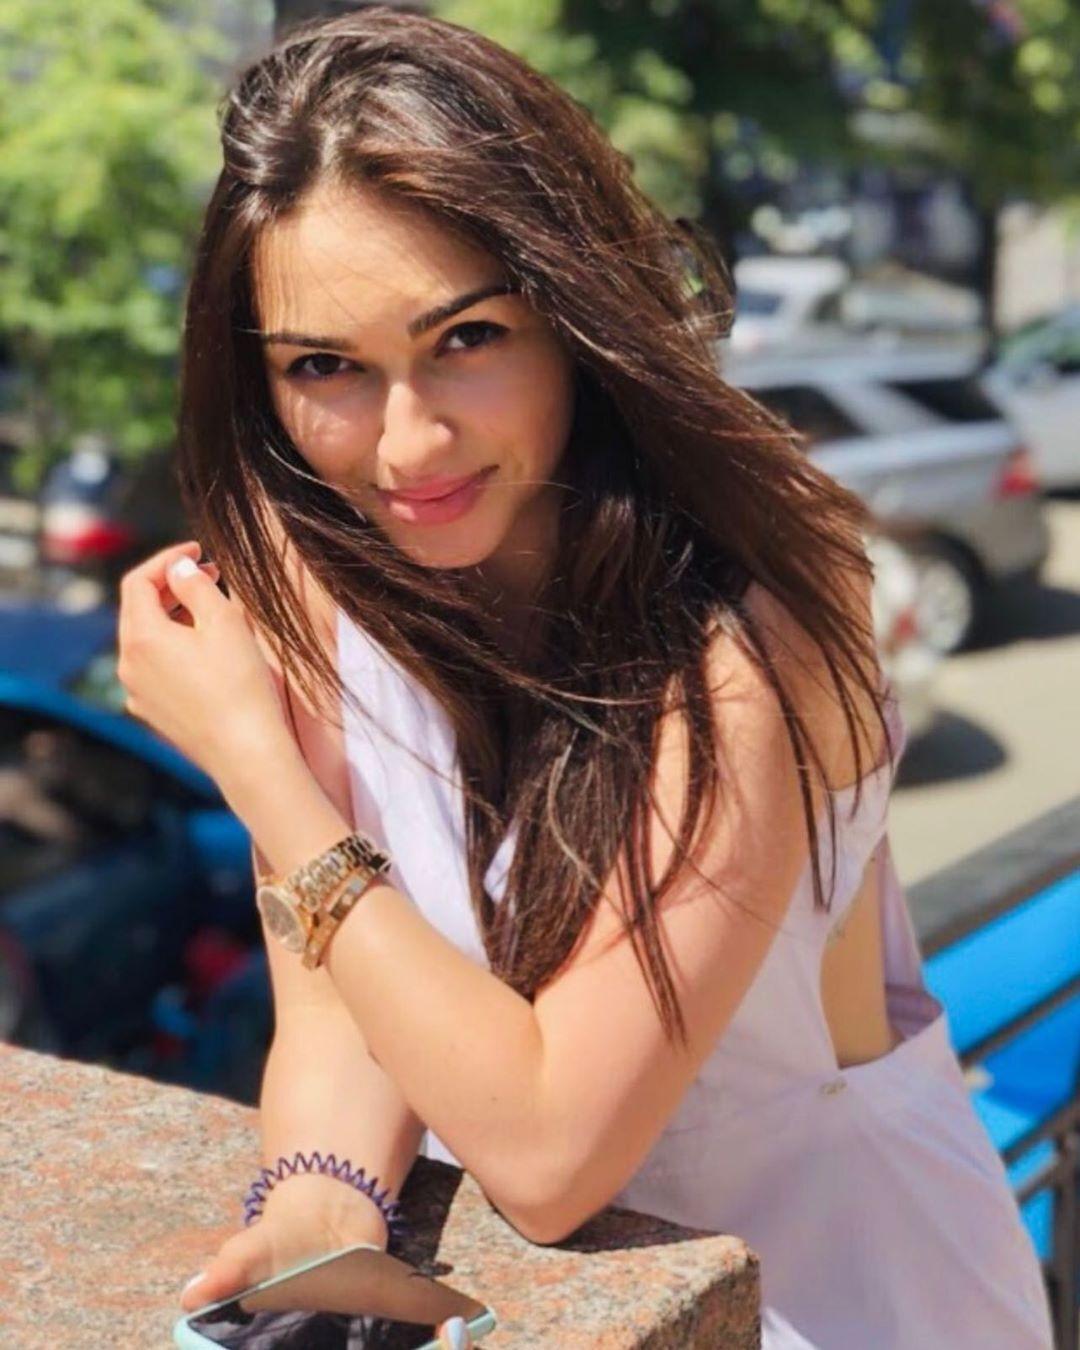 Катя Вандина в белом платье